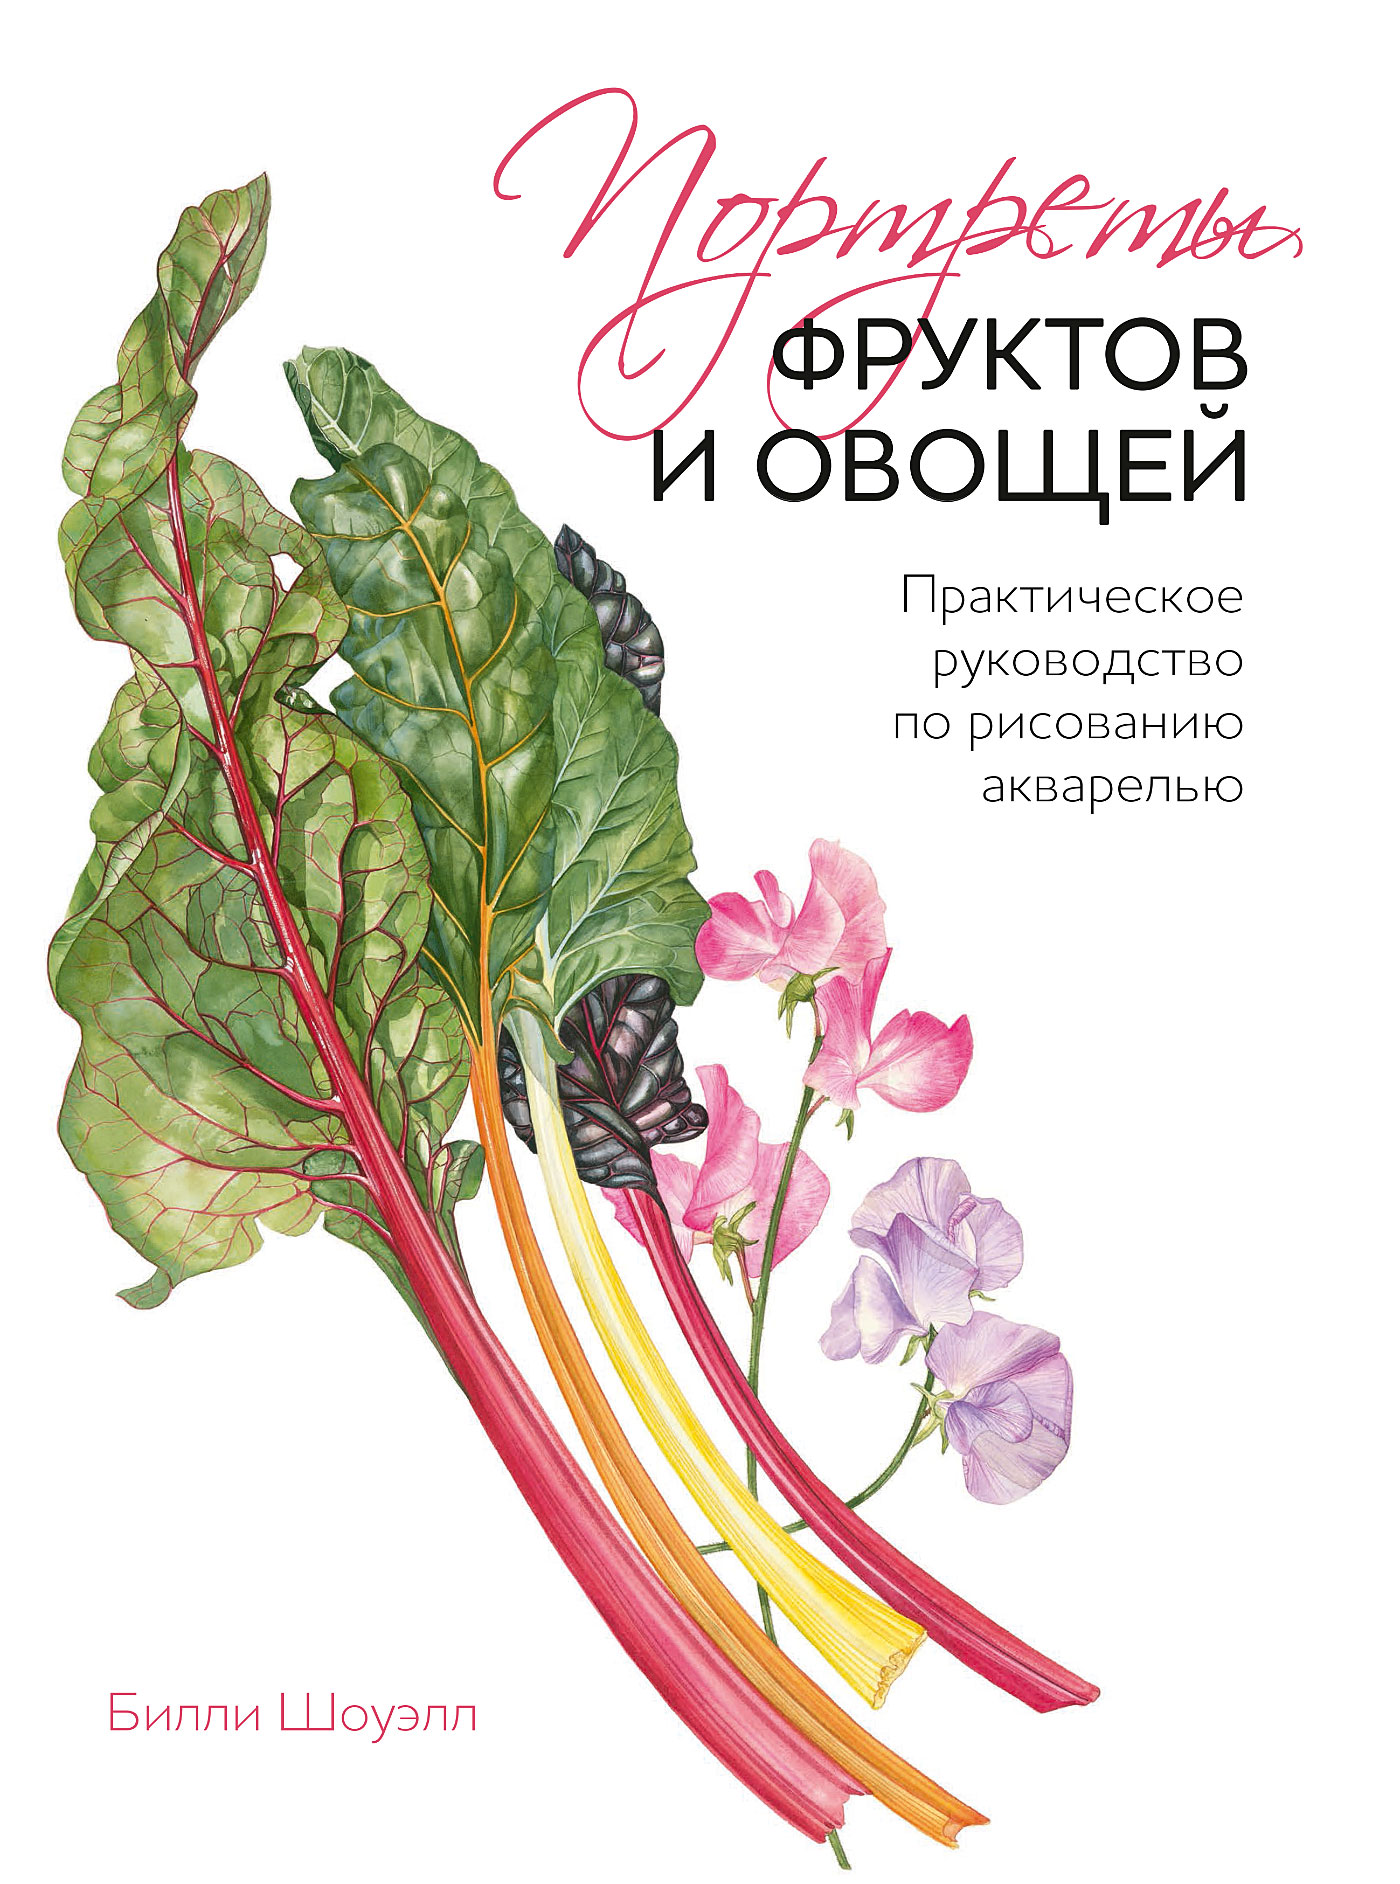 Билли Шоуэлл Портреты фруктов и овощей. Практическое руководство по рисованию акварелью мейлихов е искусство писать научные статьи научно практическое руководство